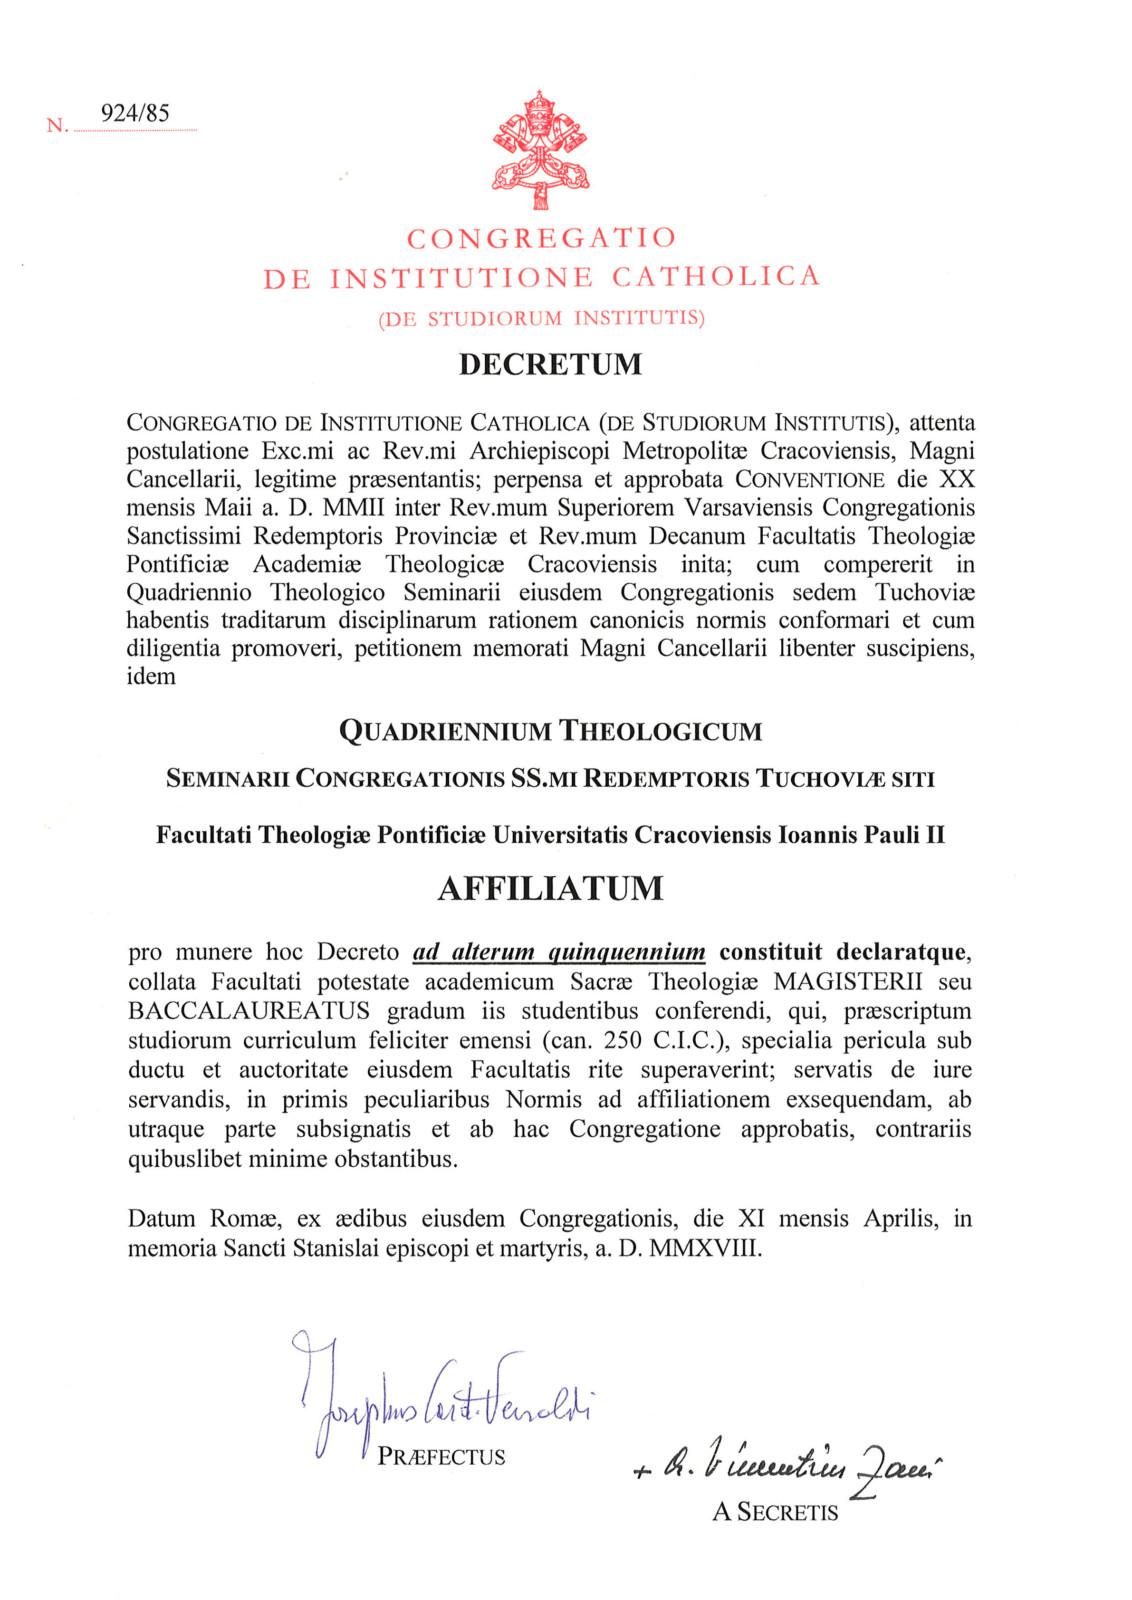 Dekret afiliacyjny WSD